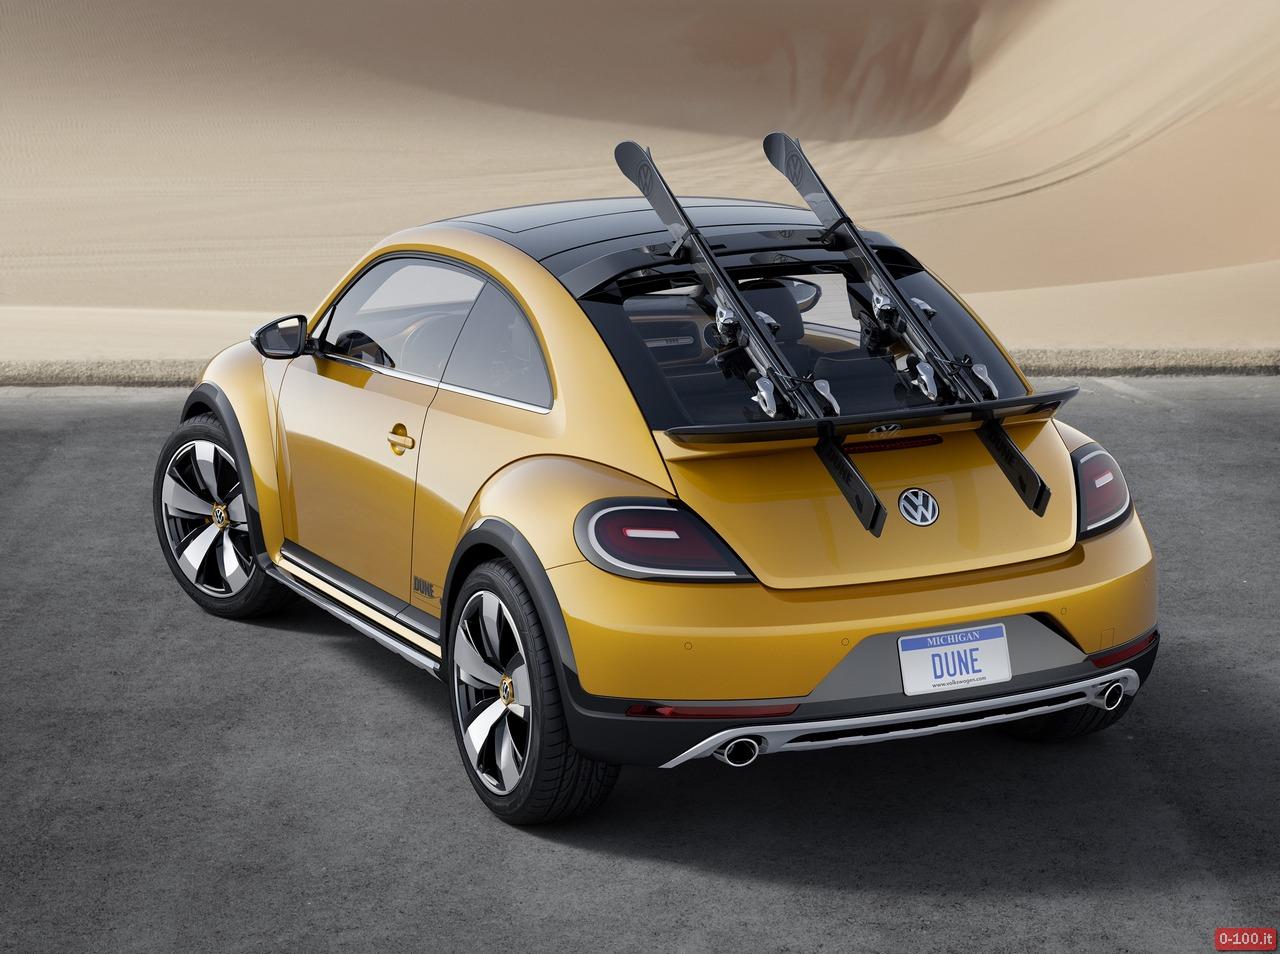 volkswagen-Beetle-Dune_0-100_13